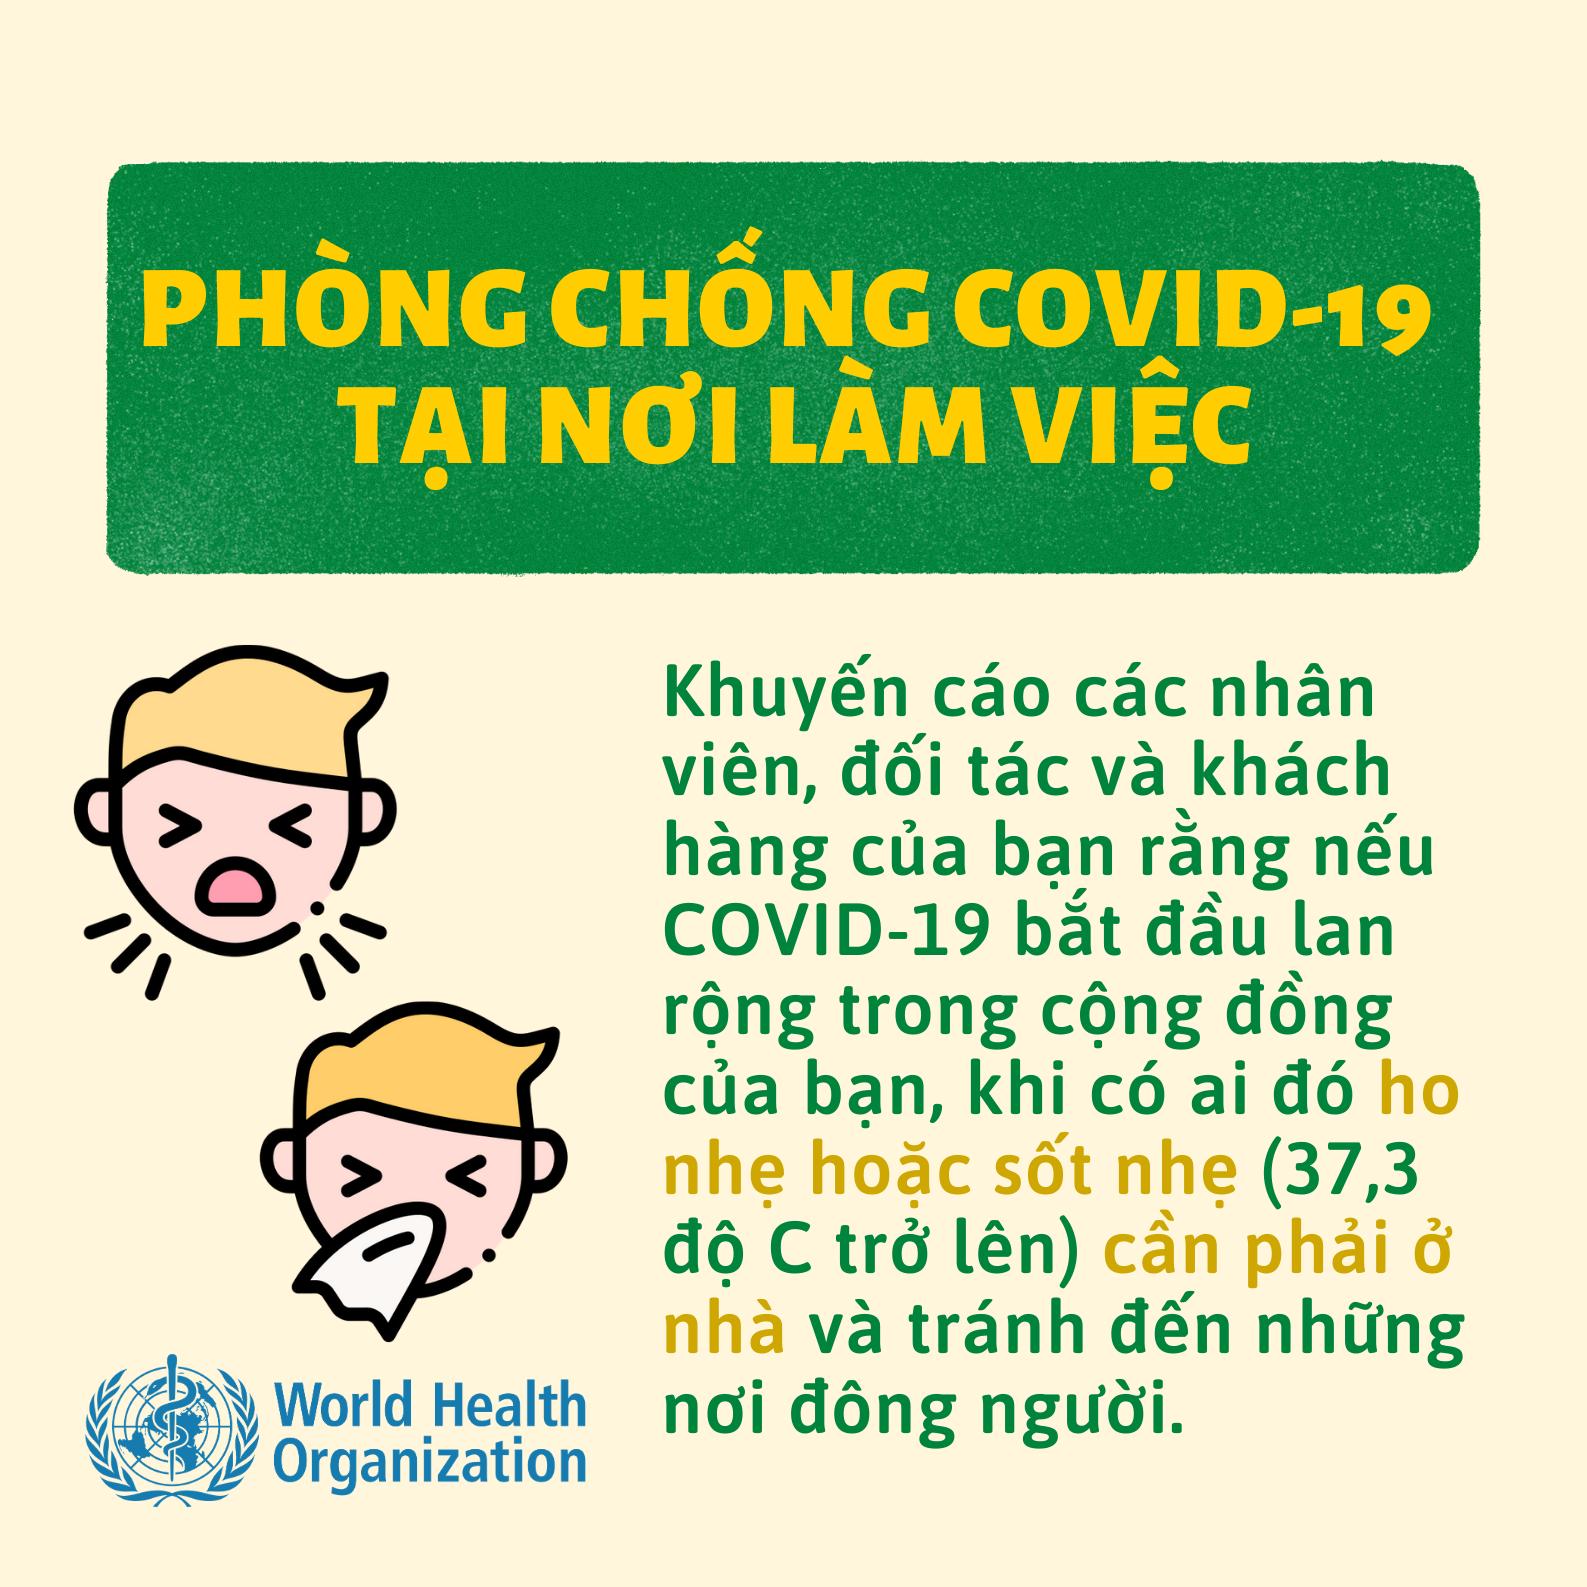 WHO khuyến cáo cách phòng chống COVID-19 tại nơi làm việc và khi tham dự hội nghị hoặc sự kiện - Ảnh 5.